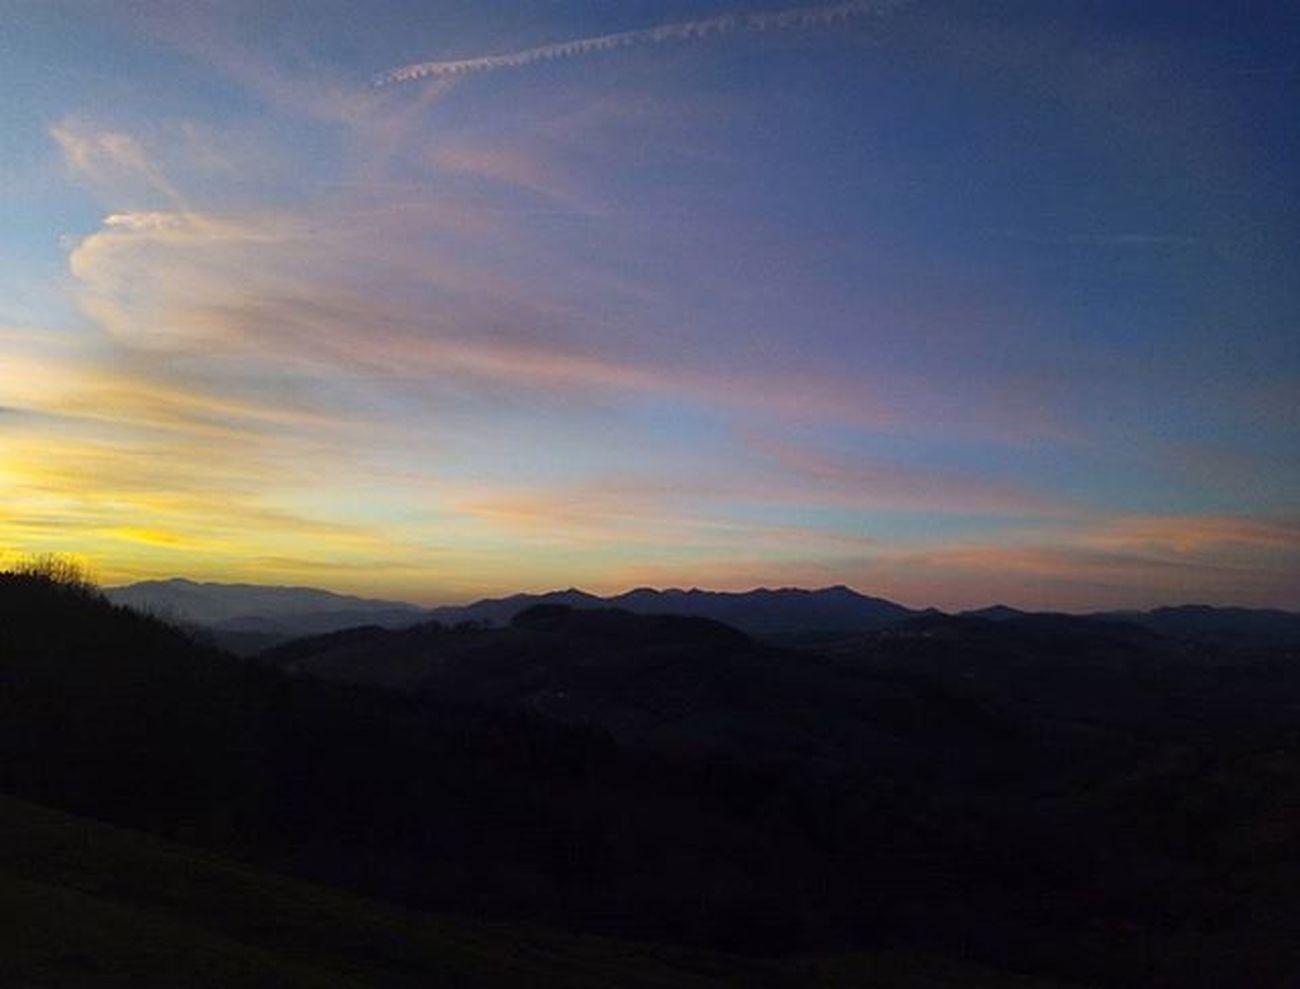 Y cada vez que lo pienso , quiero volar aún más alto. Viajandoalnorte Paisvasco Beasain Txindoki Mountains Landscape Nature Senderismo100 % Iwantmore